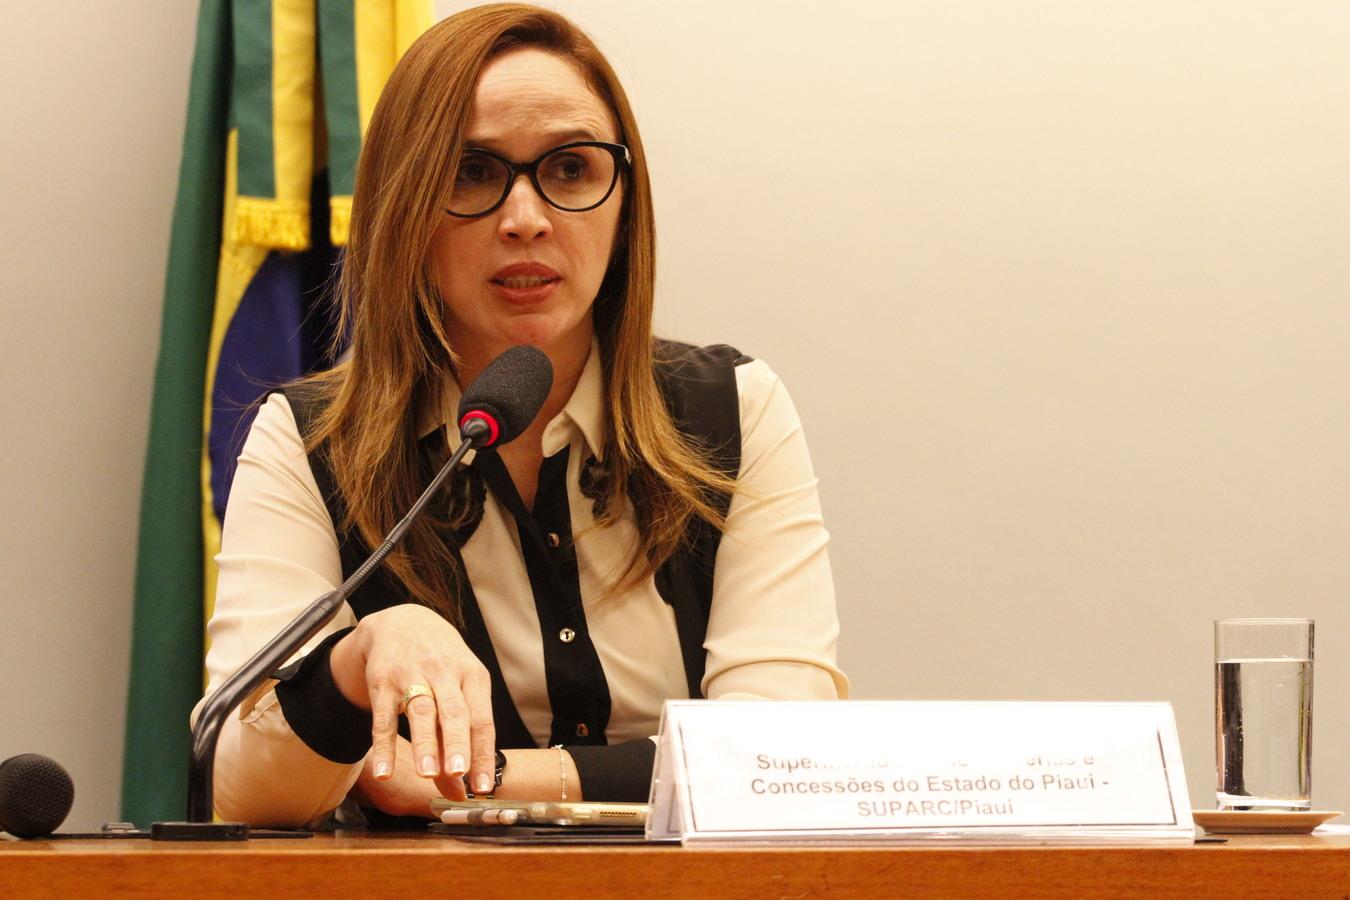 Superintendente do Programa de PPP do Piauí, Viviane Moura